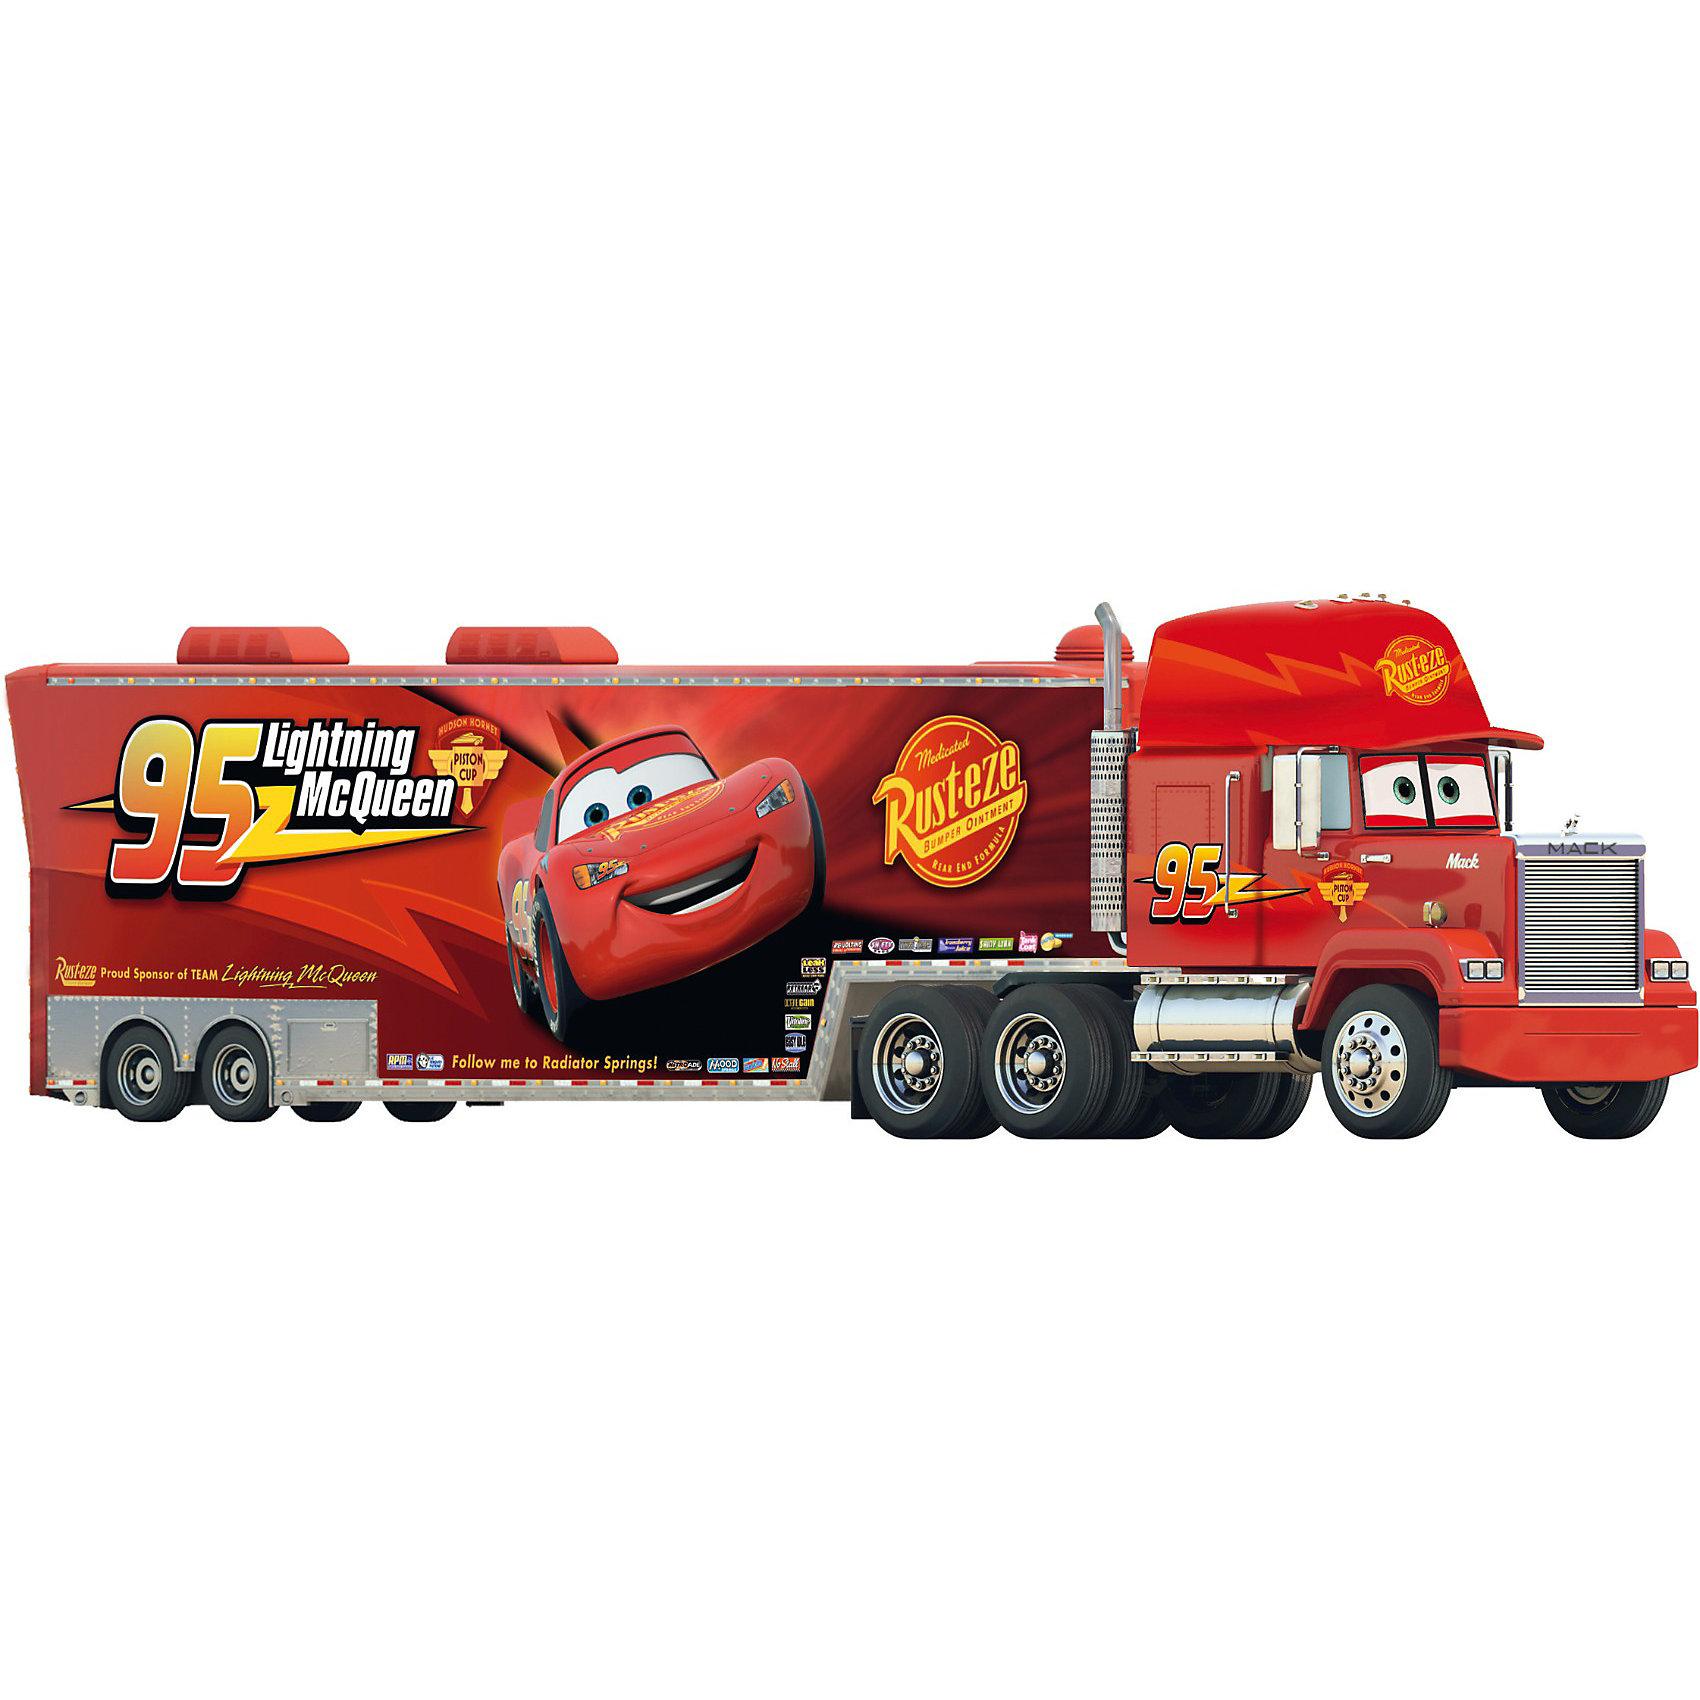 МакТрак со светом и звуком, Тачки, 46 смГрузовик МакТрак  герой всеми любимого мультфильма Тачки (Cars) на радиоуправлении понравится всем мальчишкам. Длина грузовика 46 см! Любая масштабная модель 1:24 легко поместится внутрь и может транспортироваться в прицепе. <br> МакТрак снабжен турбо-двигателем, который дает ему просто нереальное ускорение, что впору участвовать в гонках! Так же у него есть световые и звуковые эффекты (звук ревущего мотора и тормозов).<br><br>Дополнительно:<br>- Пульт дистанционного управления 3-х канальный, работает на 27 или 40 МГц, <br>- Управление - вперед-назад и вправо-влево. <br>- У прицепа открывается задняя дверца и его можно отсоединить от автомобиля с помощью пульта дистанционного управления. <br>- Для работы нужны батарейки: 3 шт. ААА и 4 шт. АА (в комплект не входят)<br><br>Ширина мм: 561<br>Глубина мм: 205<br>Высота мм: 204<br>Вес г: 1528<br>Возраст от месяцев: 36<br>Возраст до месяцев: 84<br>Пол: Мужской<br>Возраст: Детский<br>SKU: 2427801